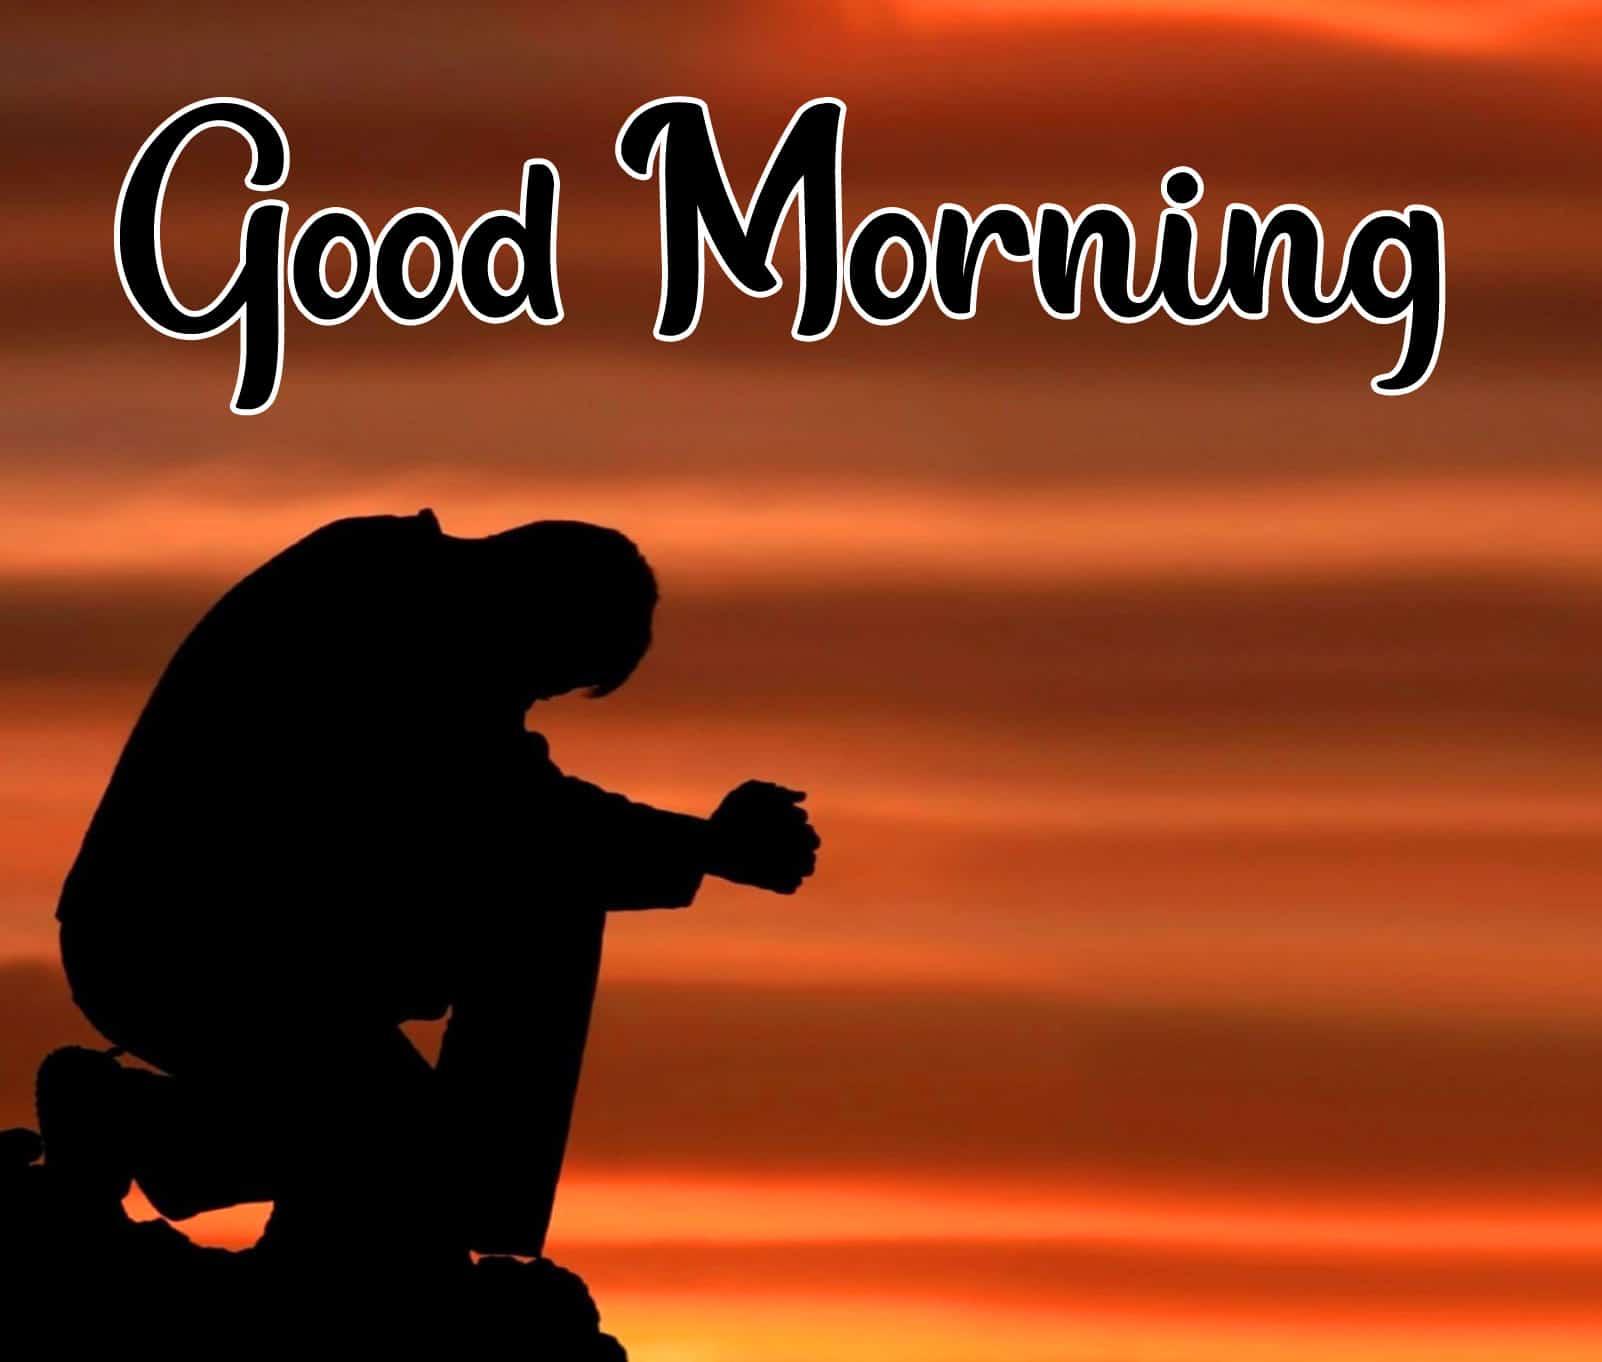 Jesus Pray Good Morning Images 87